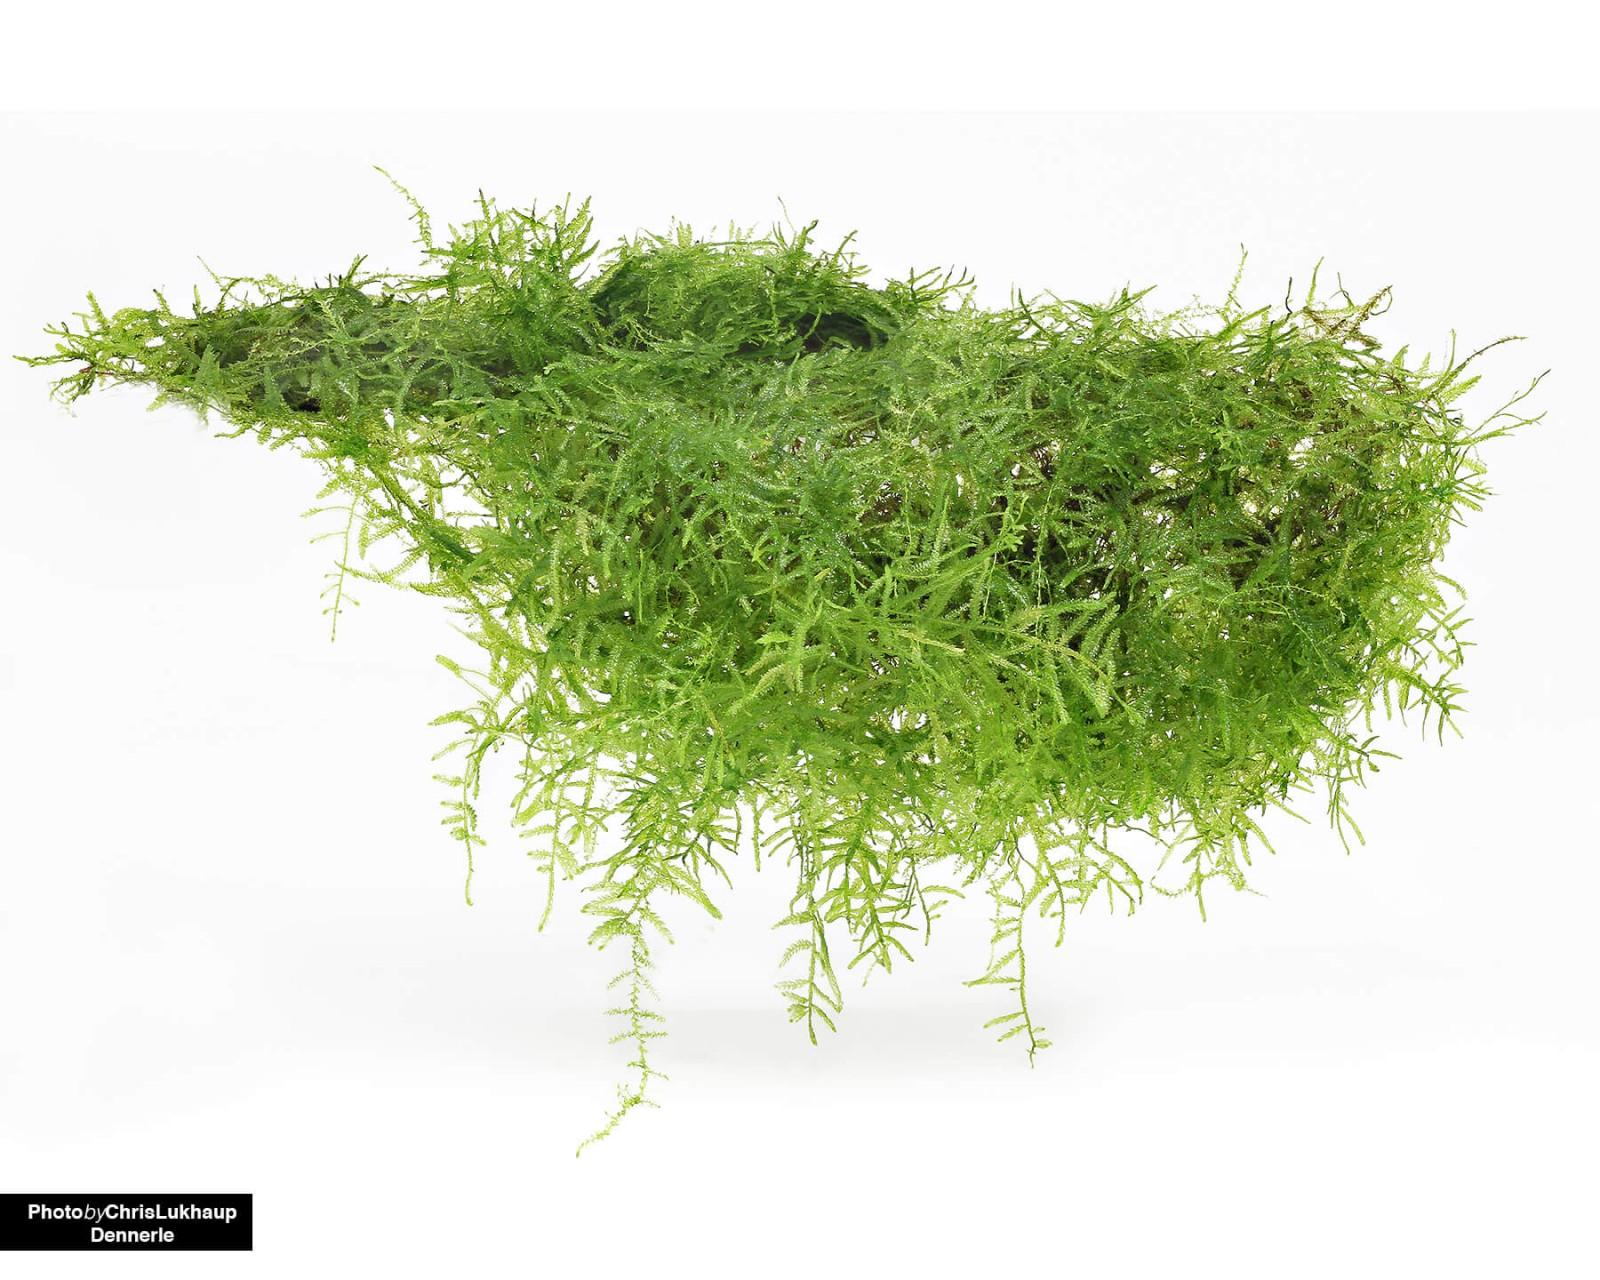 taxiphyllum barbieri dennerle invitro invitro moos invitro pflanzen aquariumpflanzen. Black Bedroom Furniture Sets. Home Design Ideas